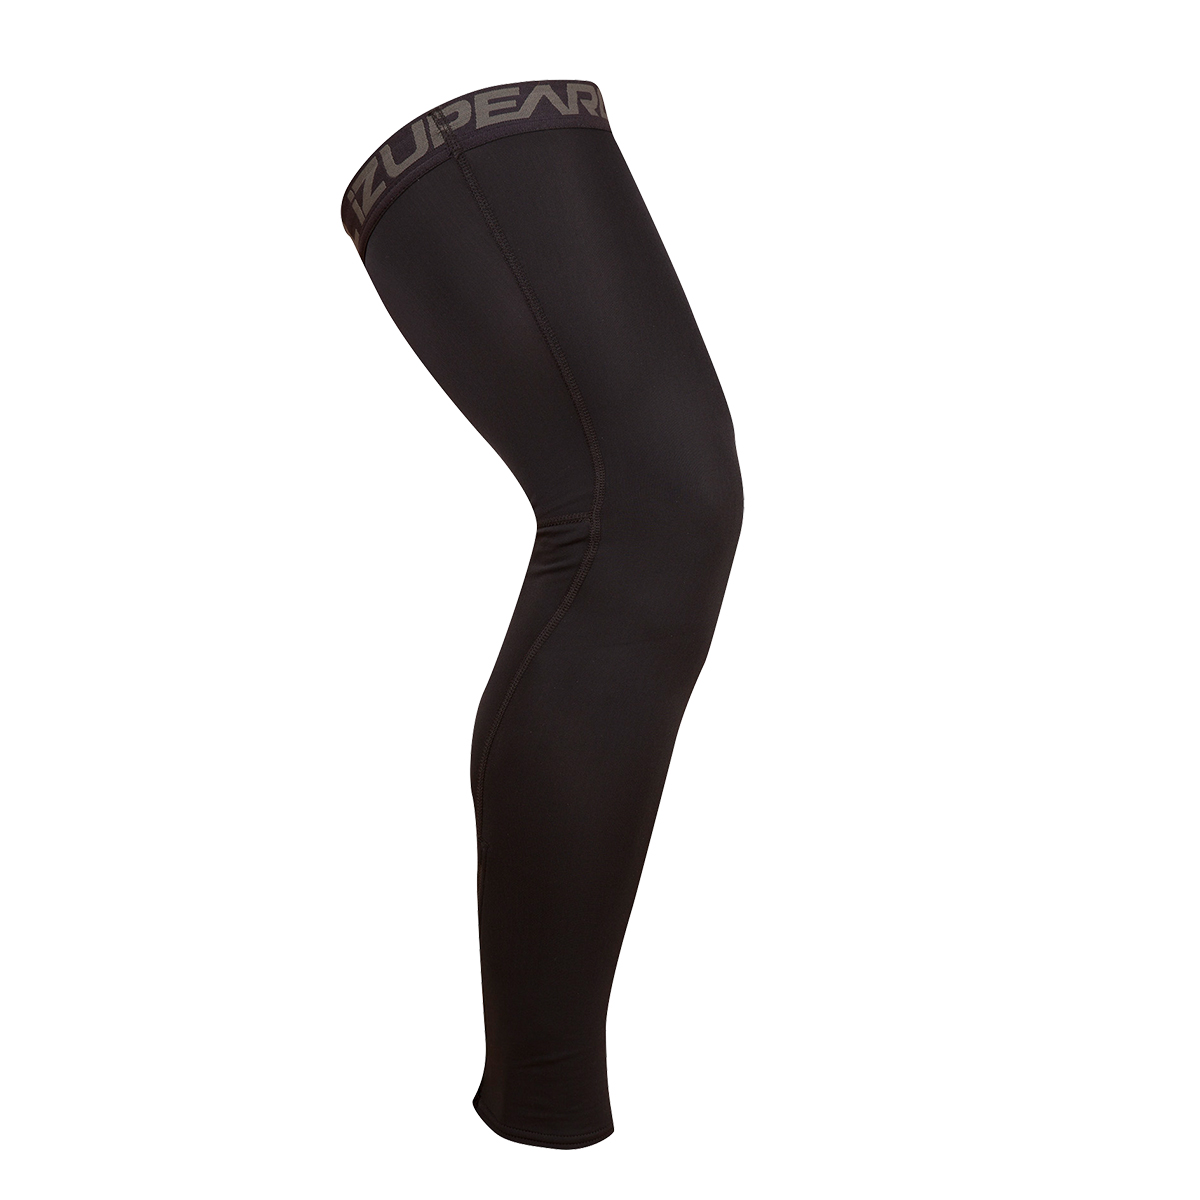 14371512021XS Pearl Izumi Elite Thermal Leg Warmer